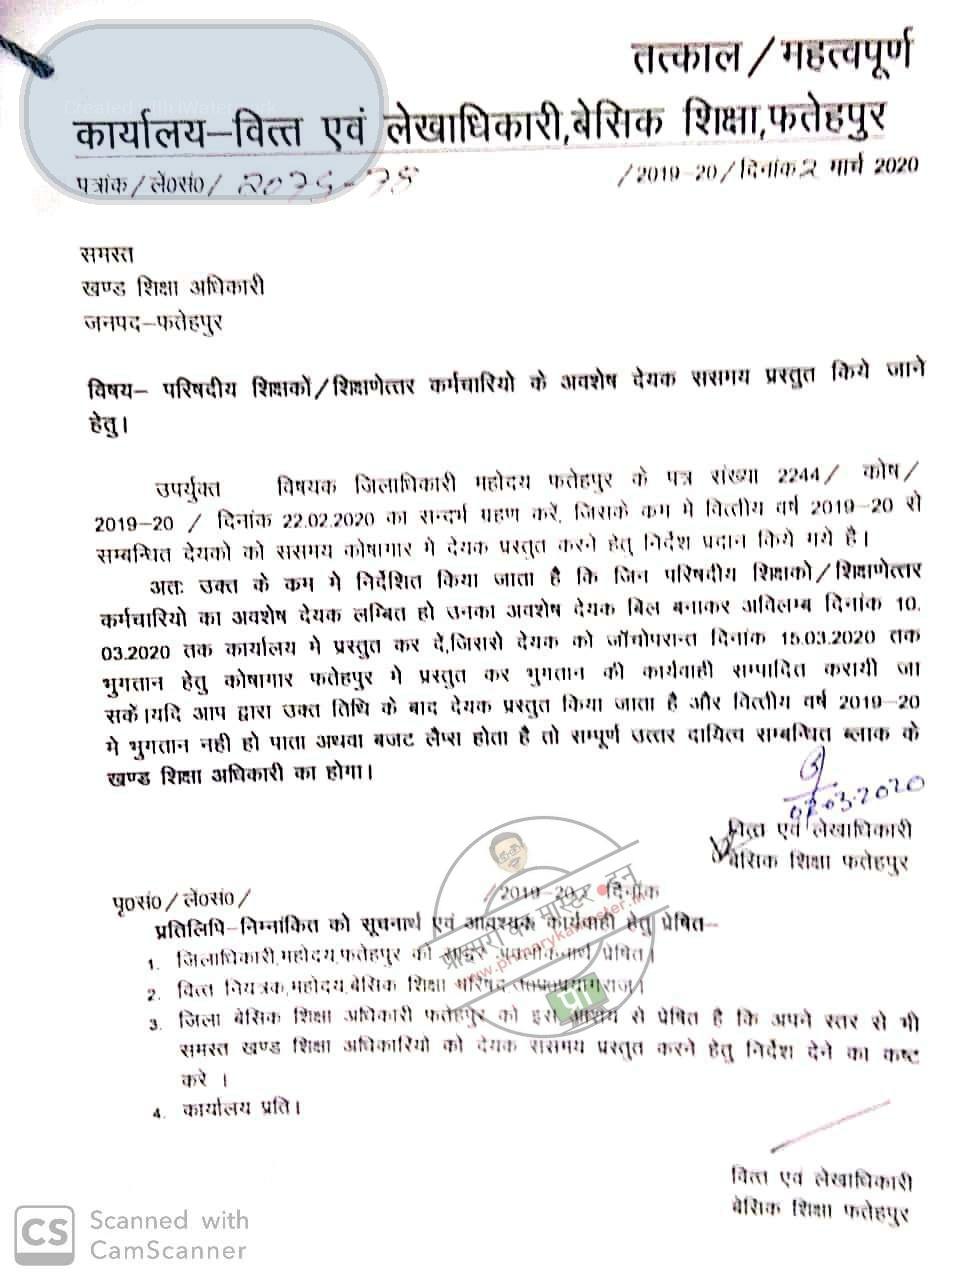 फतेहपुर : परिषदीय शिक्षकों/ कर्मचारियों के अवशेष देयक ससमय प्रस्तुत किए जाने के सम्बन्ध में।